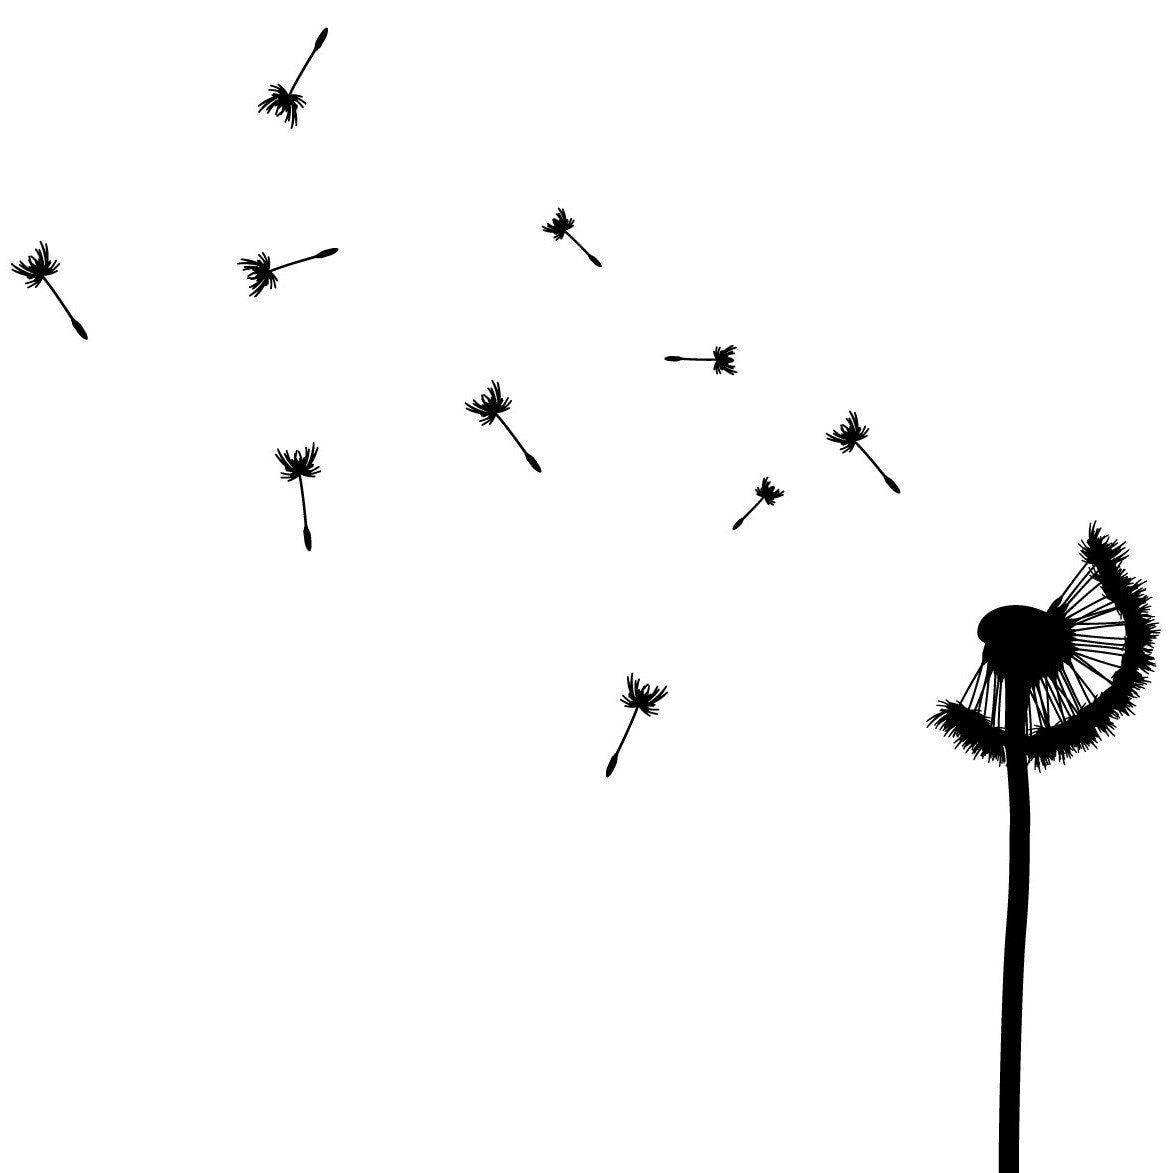 Blowing dandelion clip art - photo#24